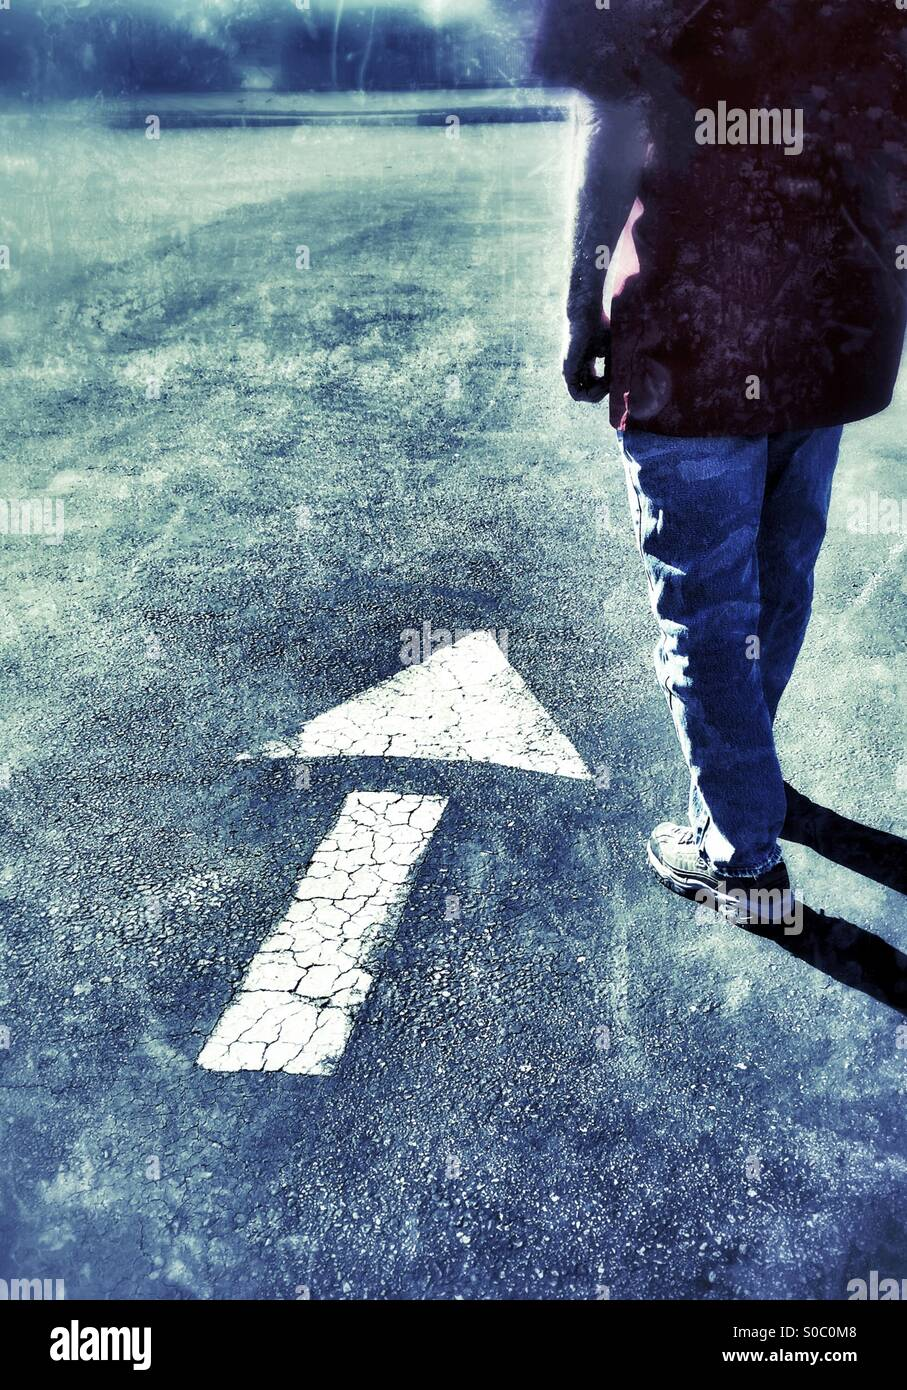 Hombre de pie junto a una pintada de flecha hacia arriba o hacia adelante Foto de stock